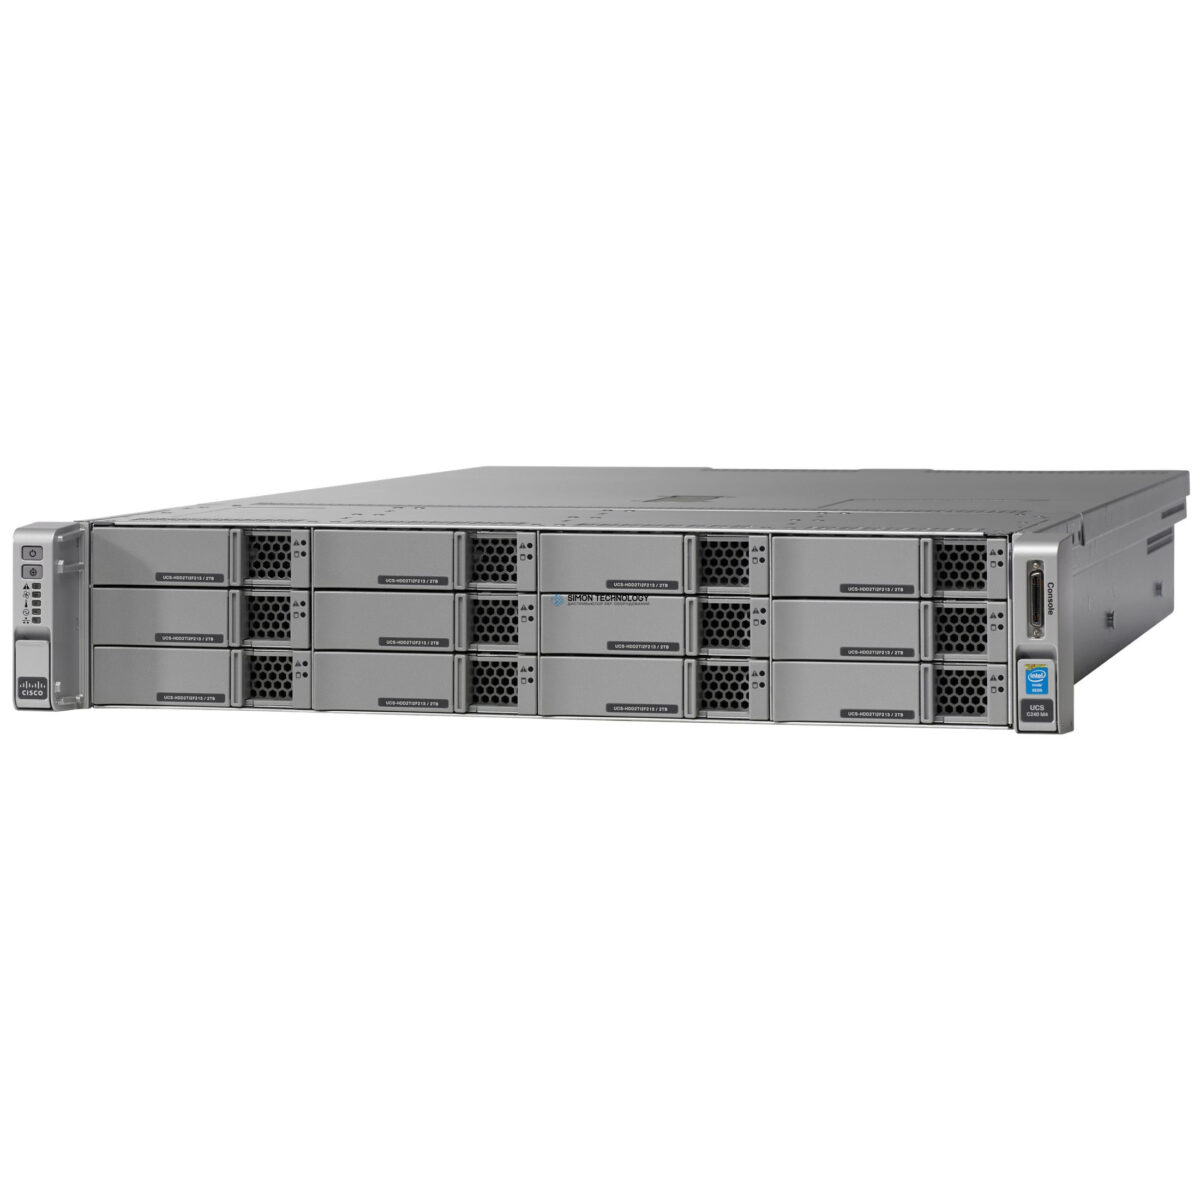 Сервер Cisco UCS C240 M4 LFF 12 HD w/o CPU,mem,HD,PCIe (UCSC-C240-M4L)